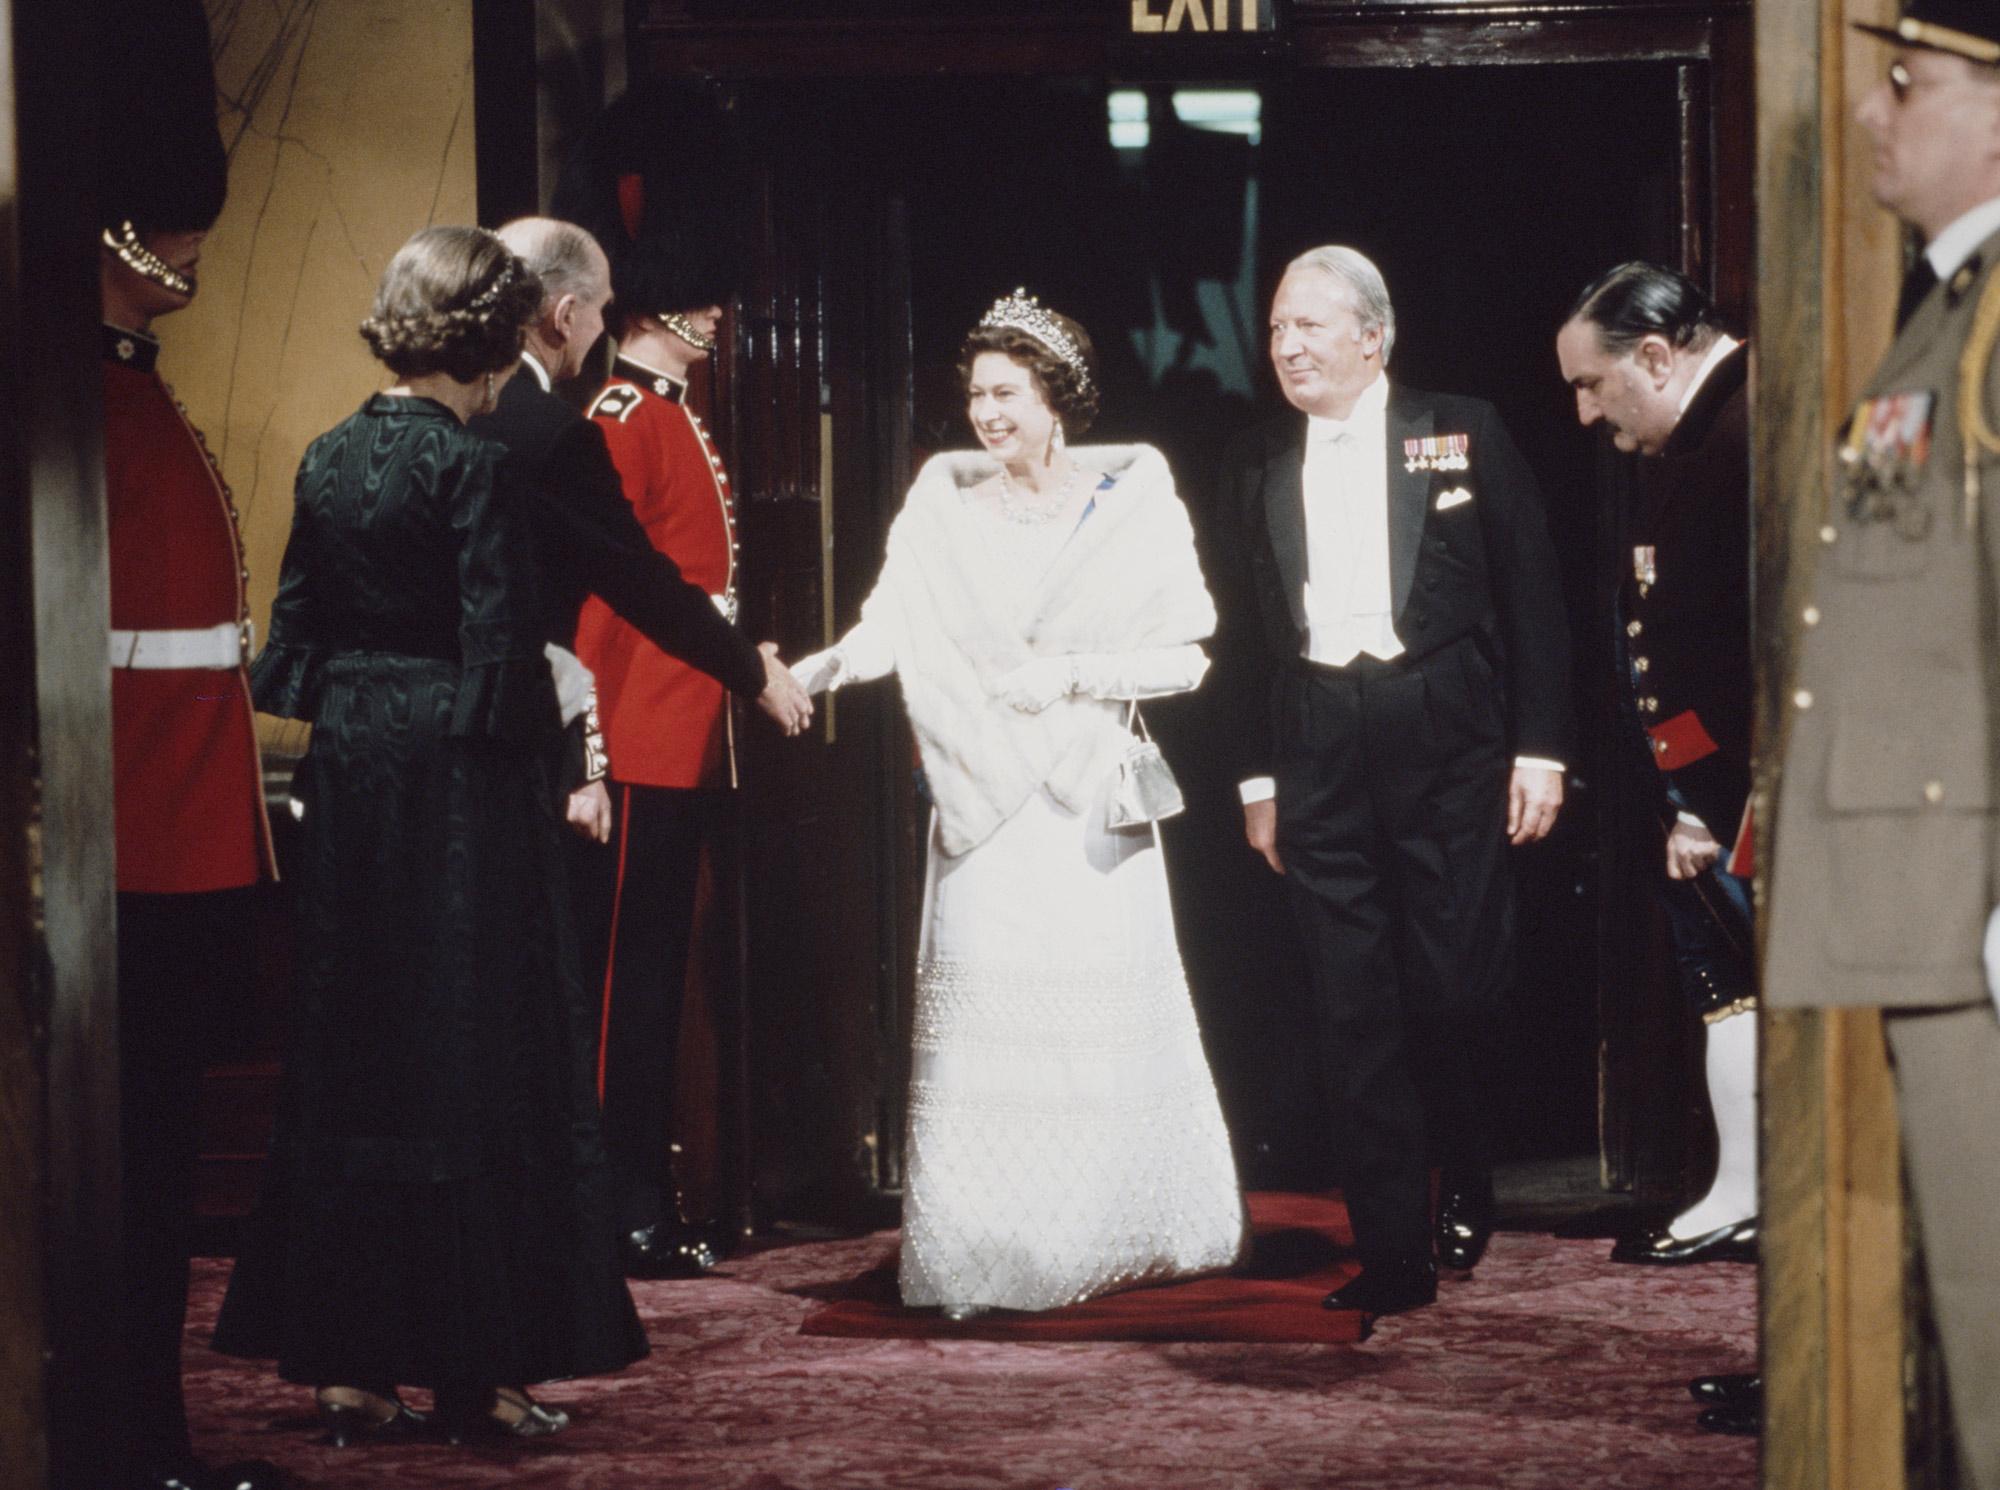 Елизавета II ибританский премьер-министр Эдвард Хит (с 1970 по1974 годы) нагала-вечере, посвященном вступлению Великобритании вЕЭС.